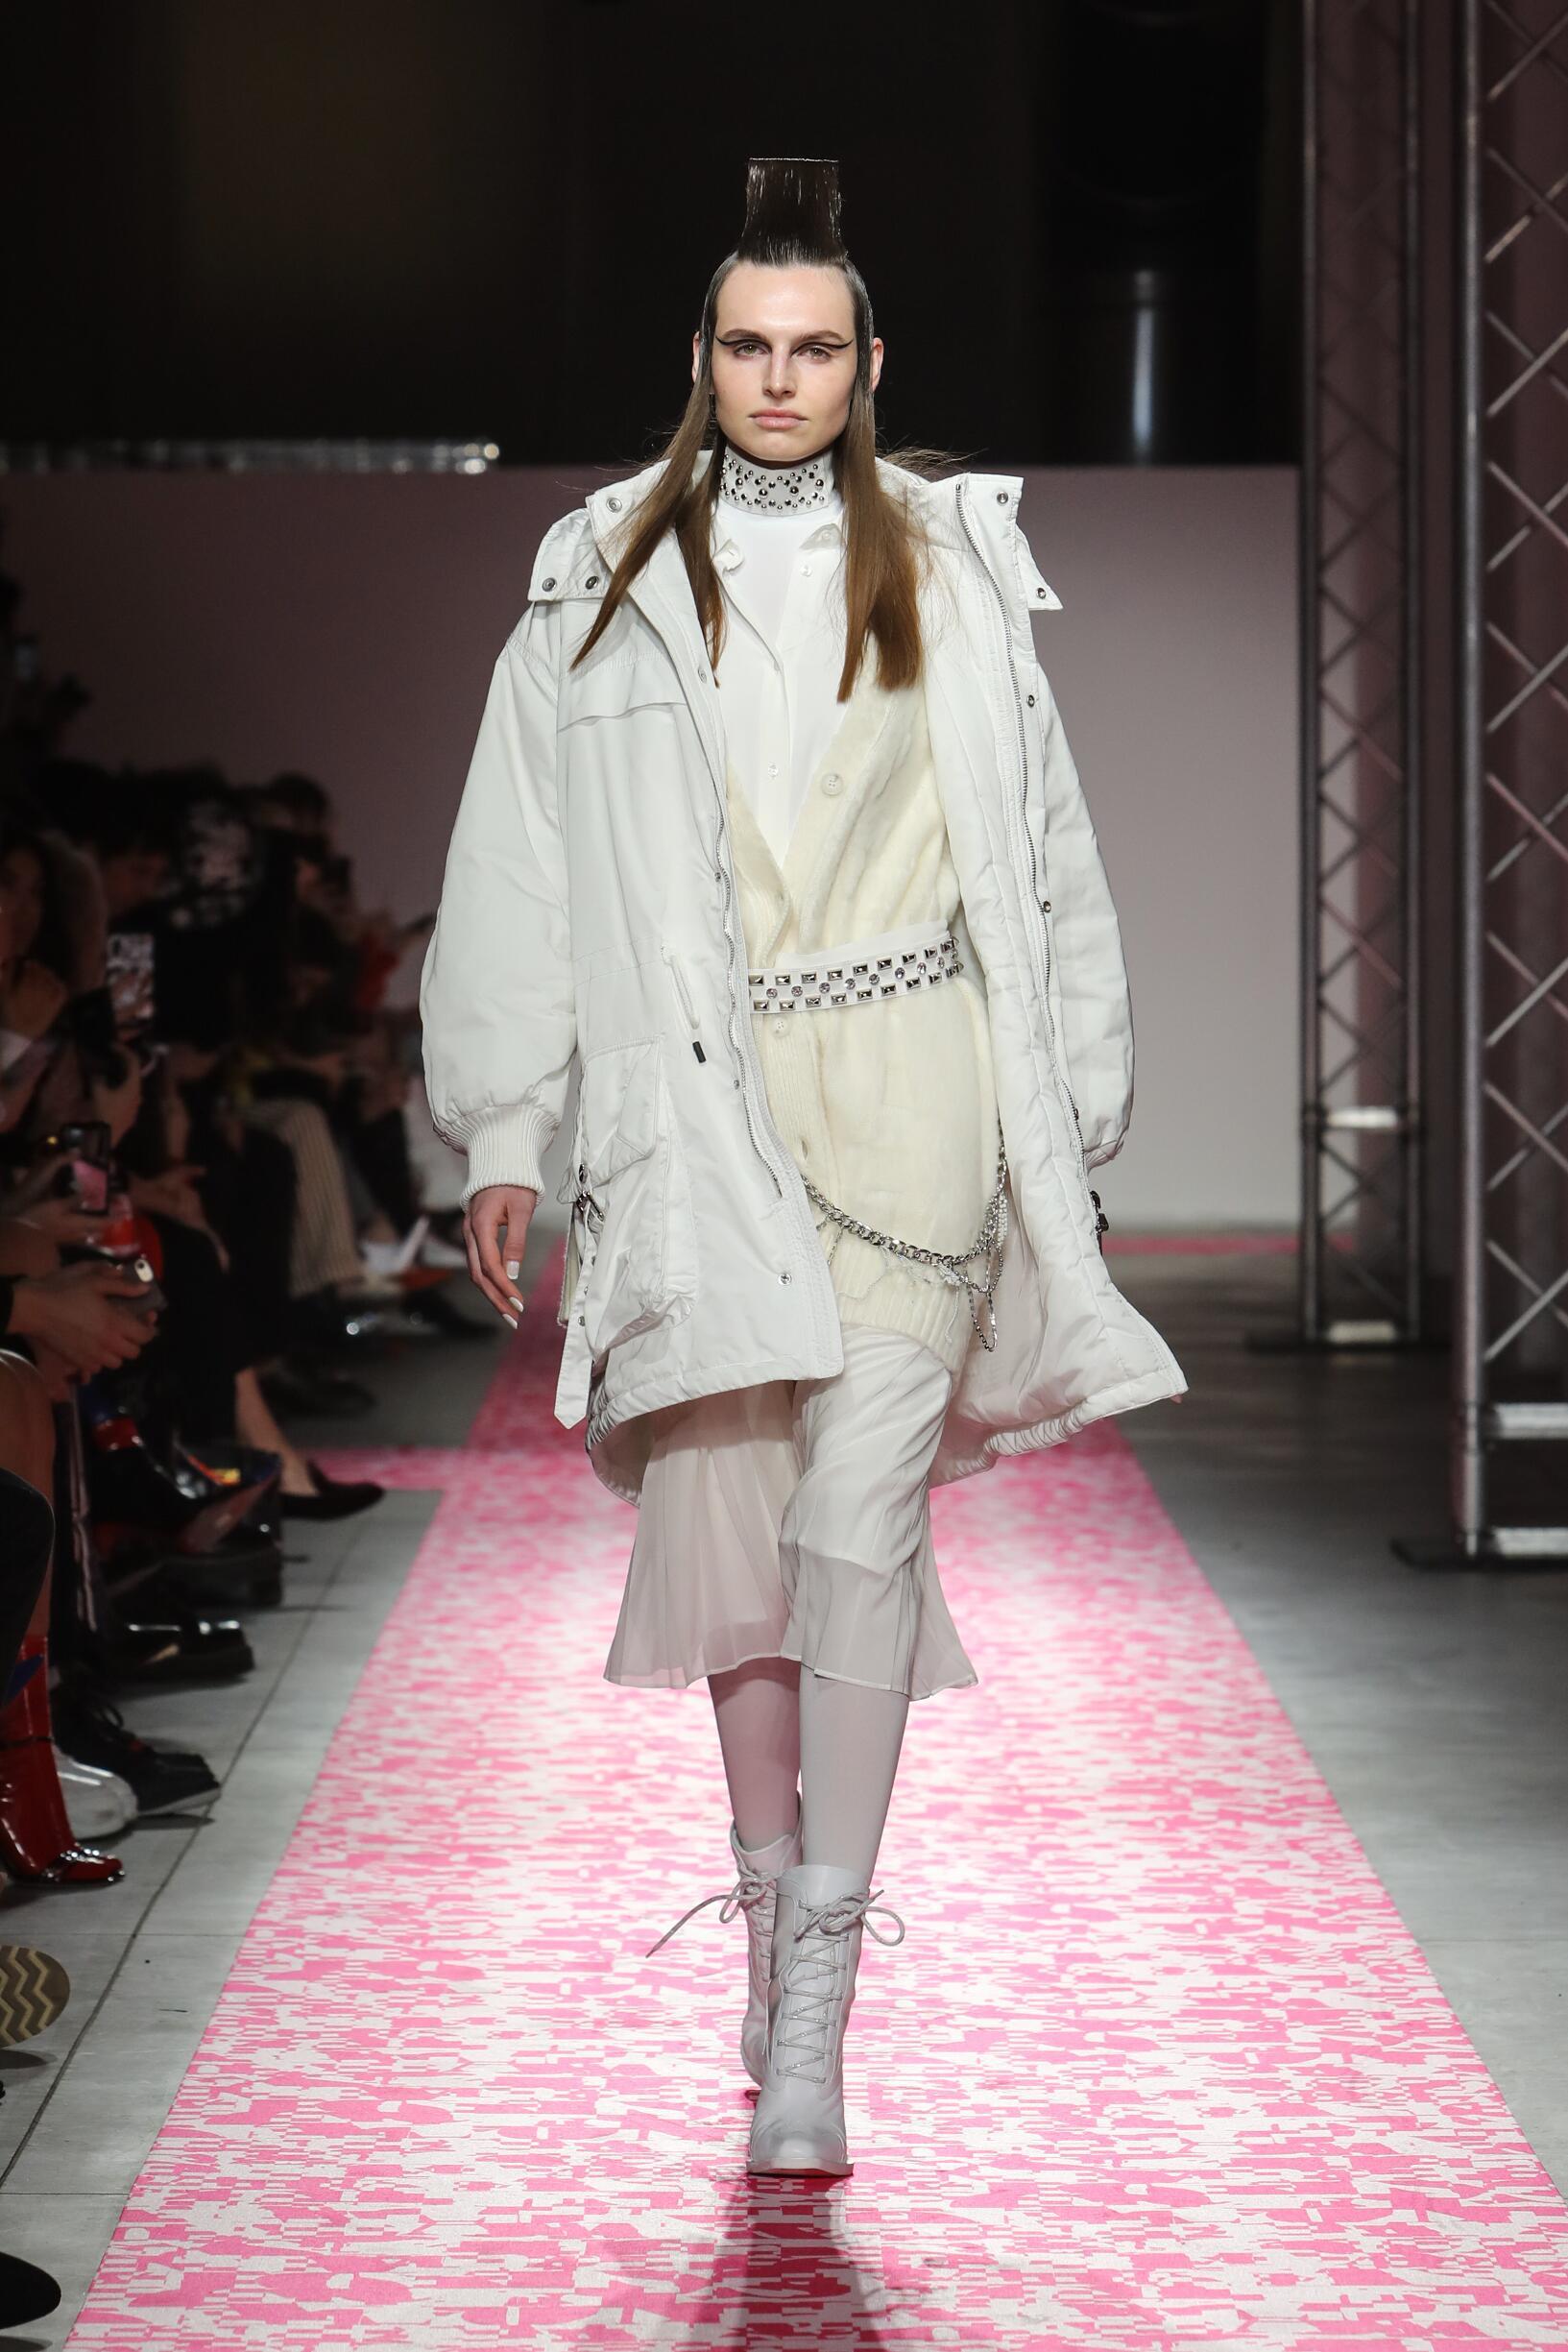 Iceberg FW 2019 Womenswear